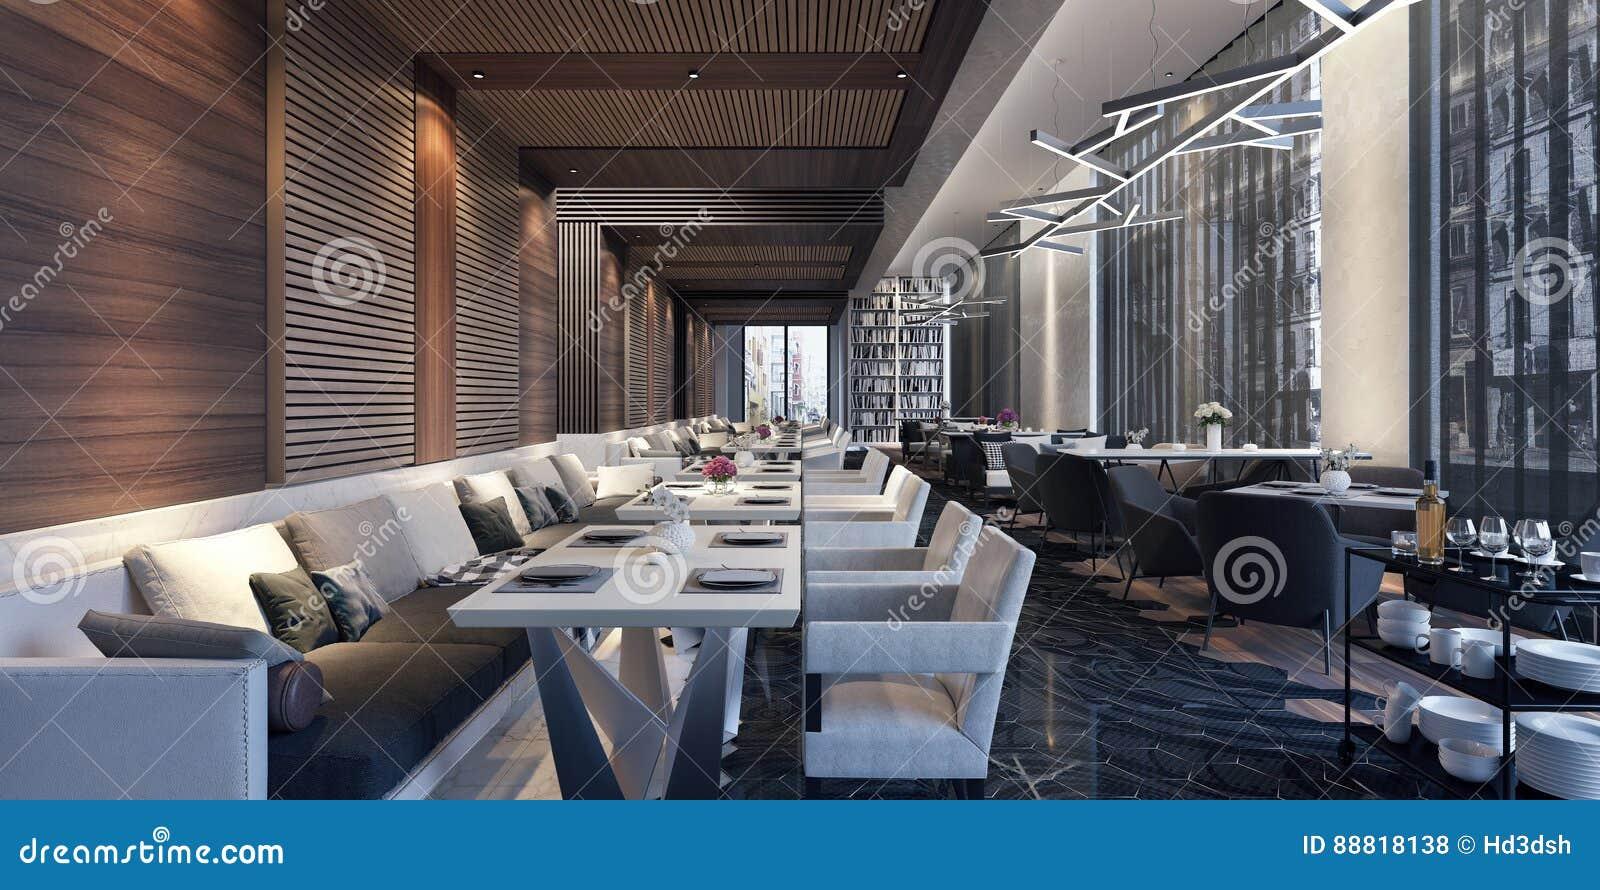 Dise o de concepto moderno de sal n del restaurante stock - Diseno de salon ...